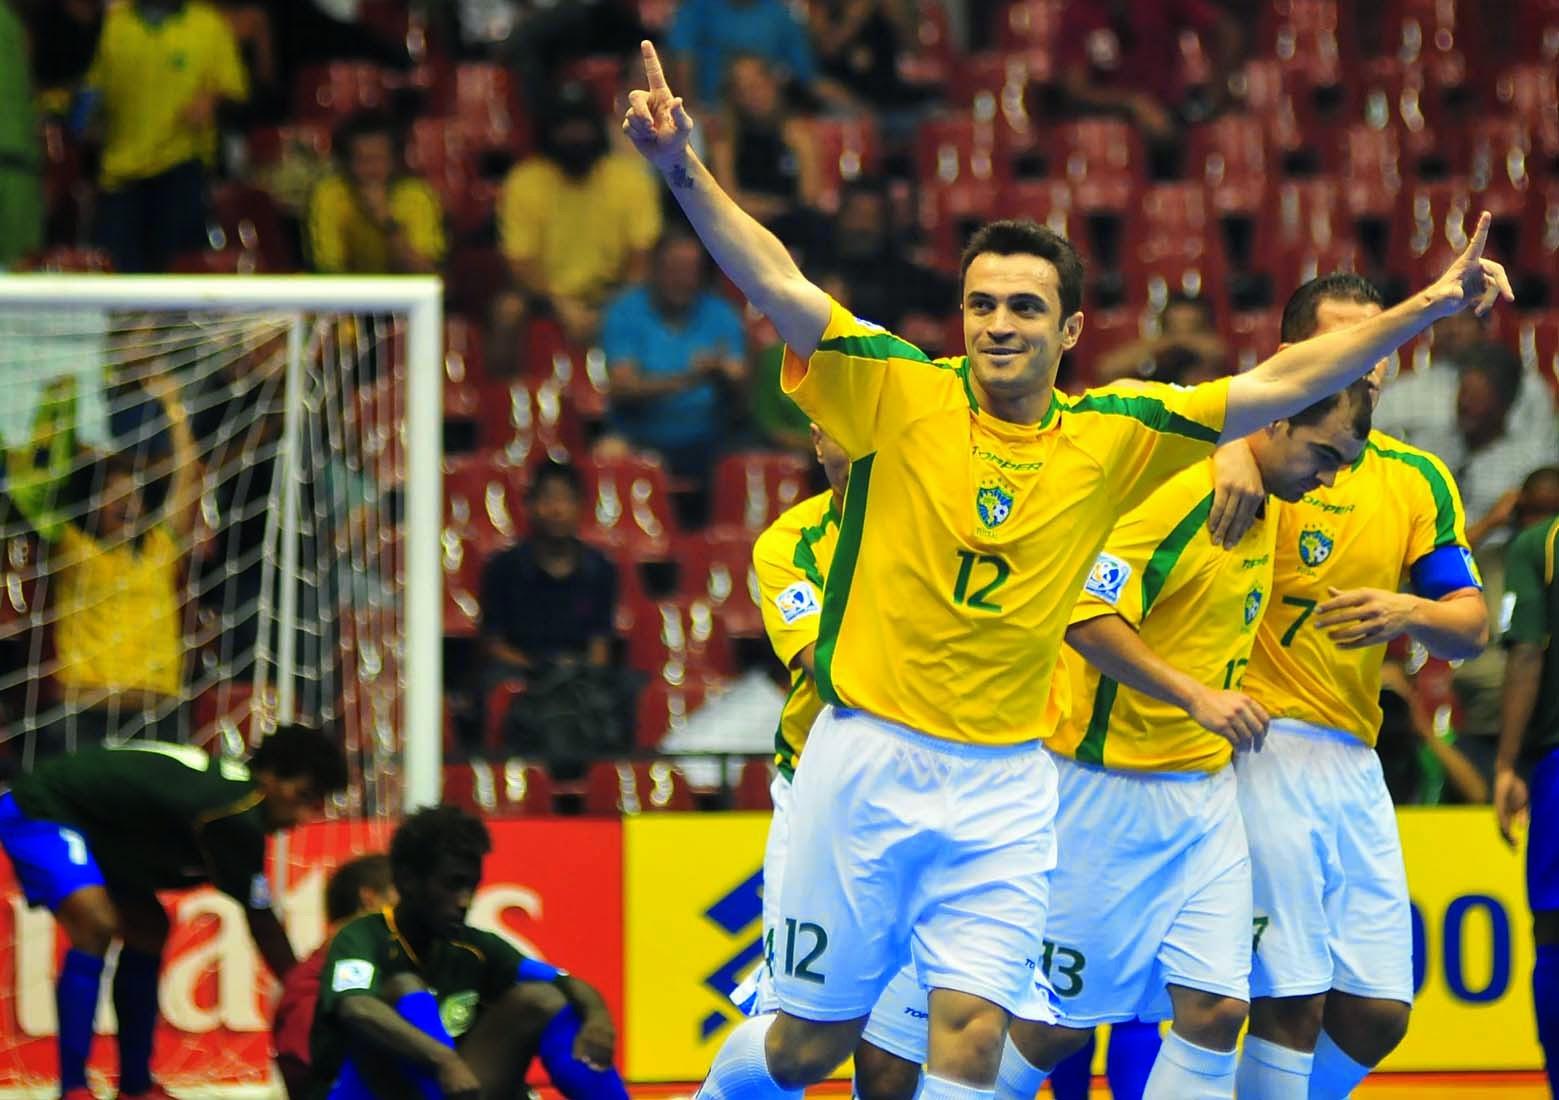 Gambar Pemain Futsal Terbaik Dunia